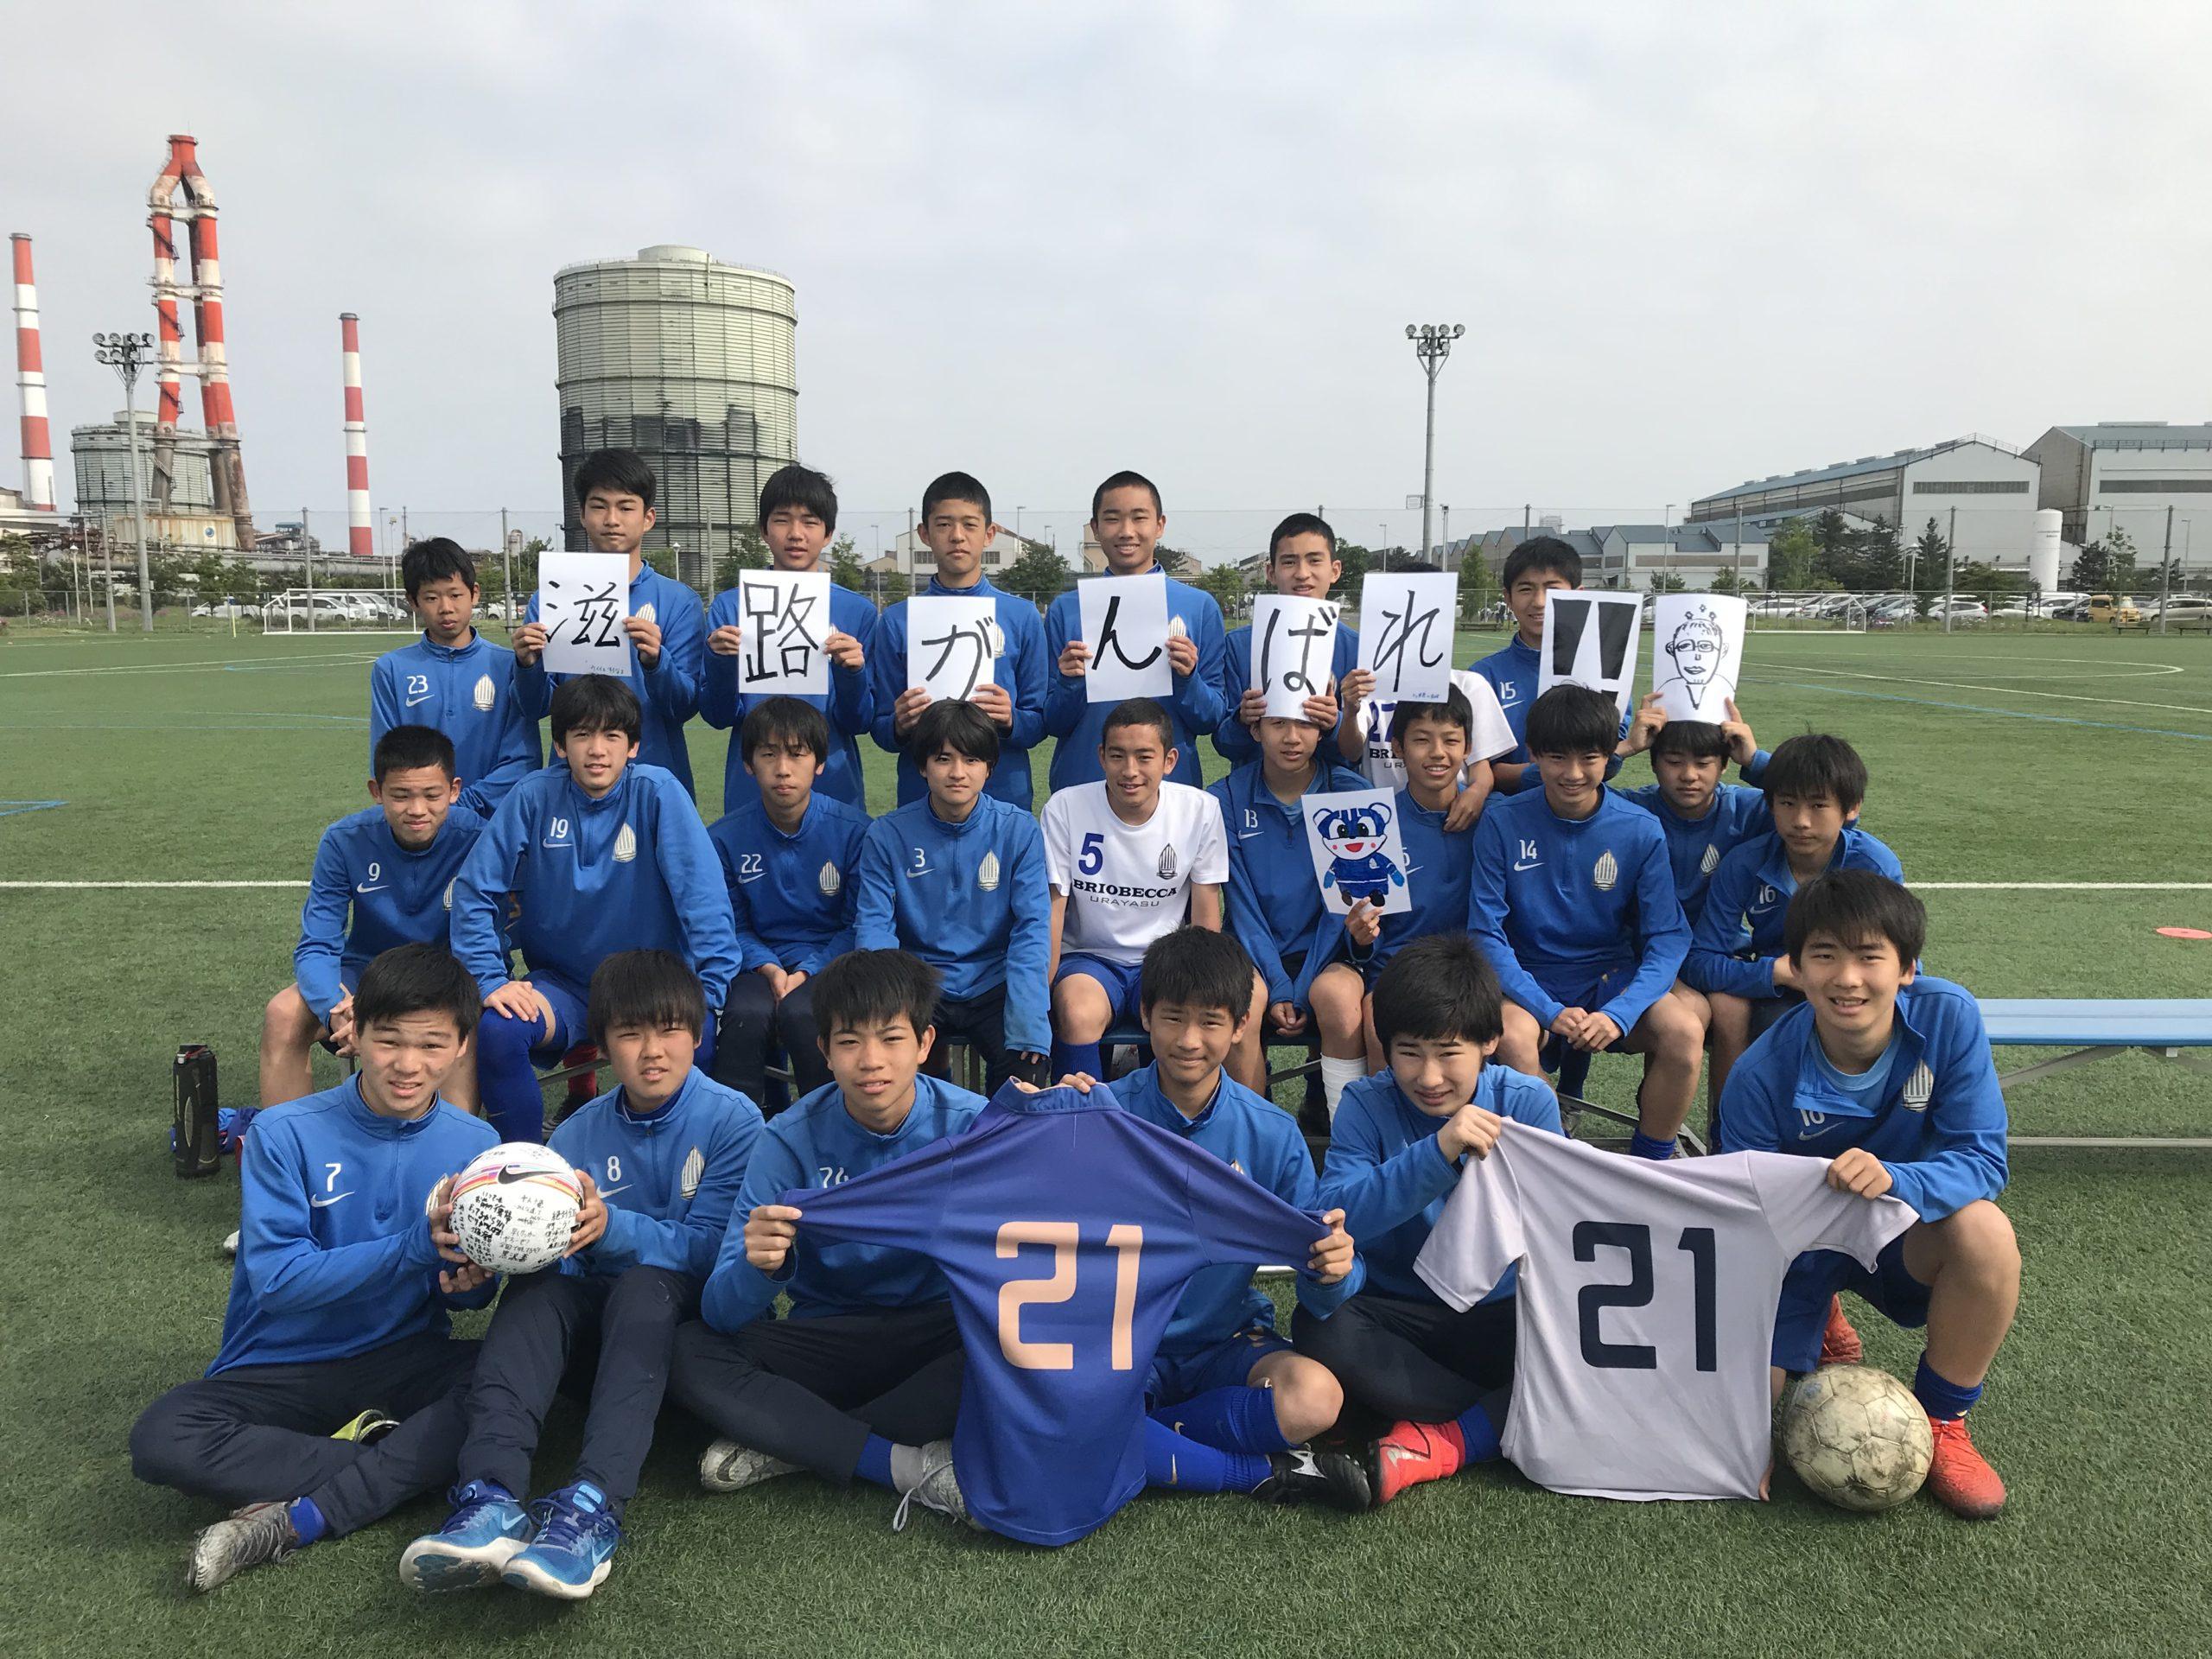 【U15】U-15クラブユース選手権 ラウンド16結果